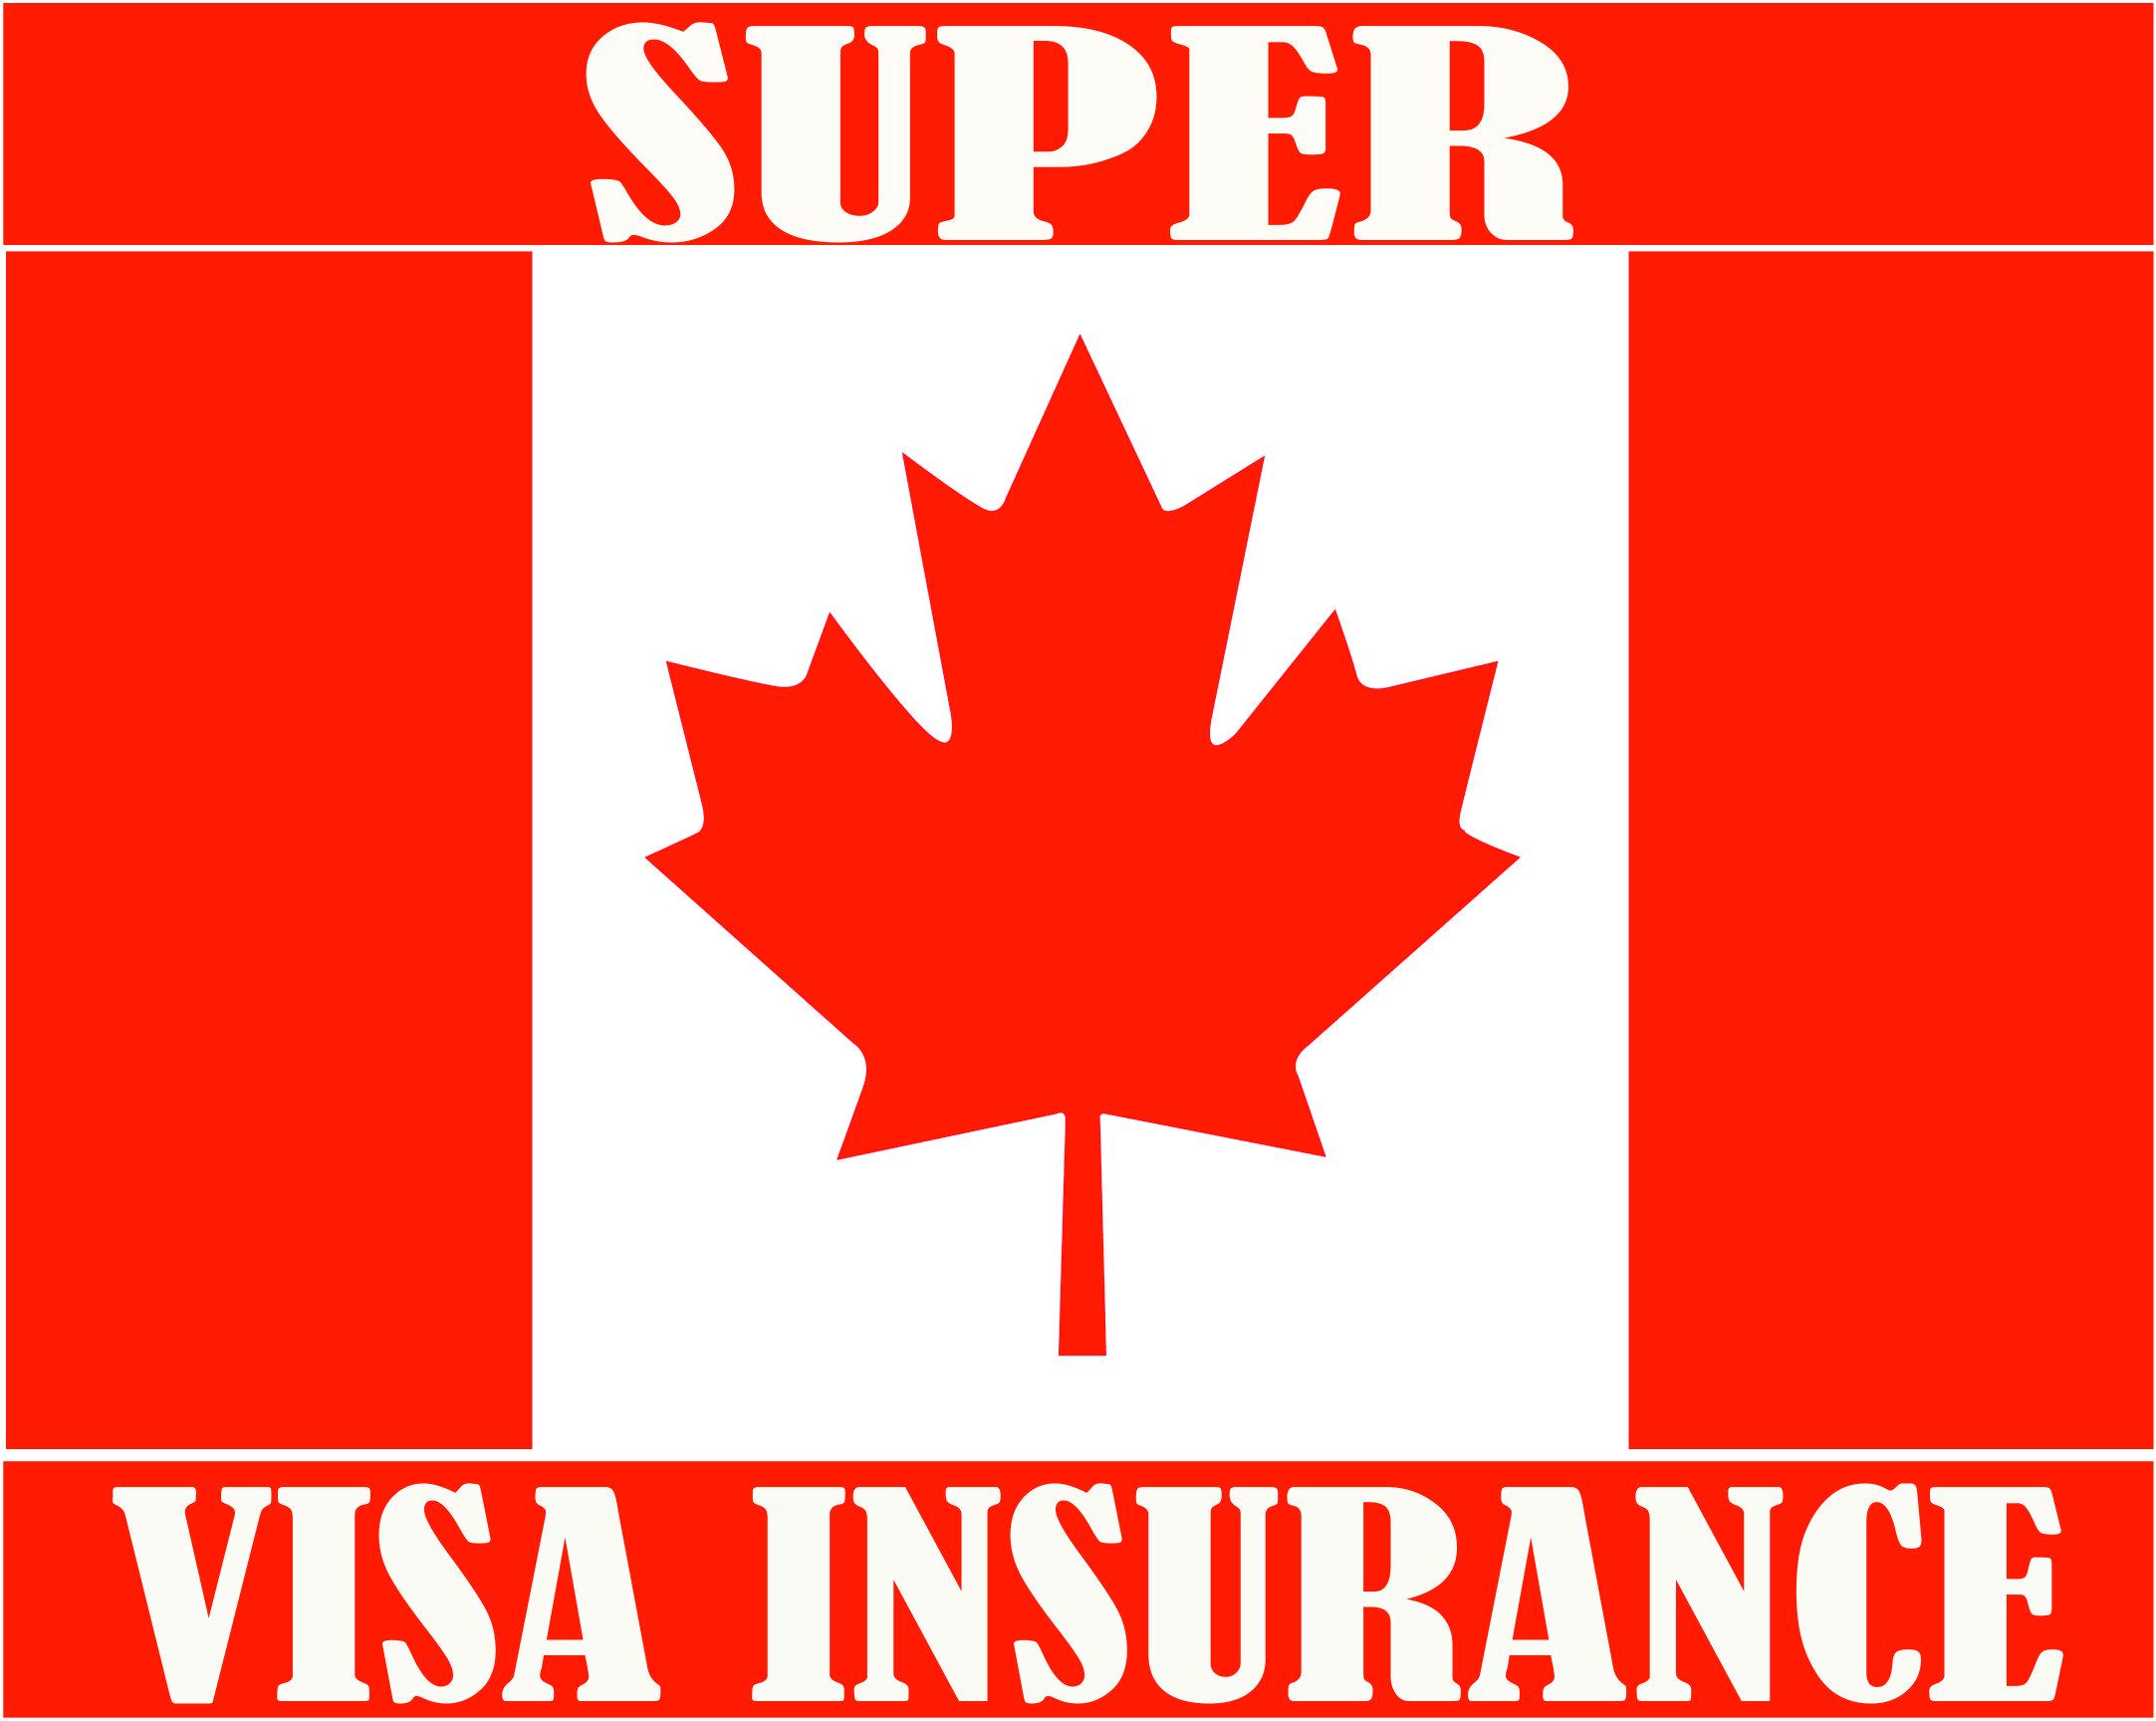 Super Visa Insurance -Piyush  Girdhar